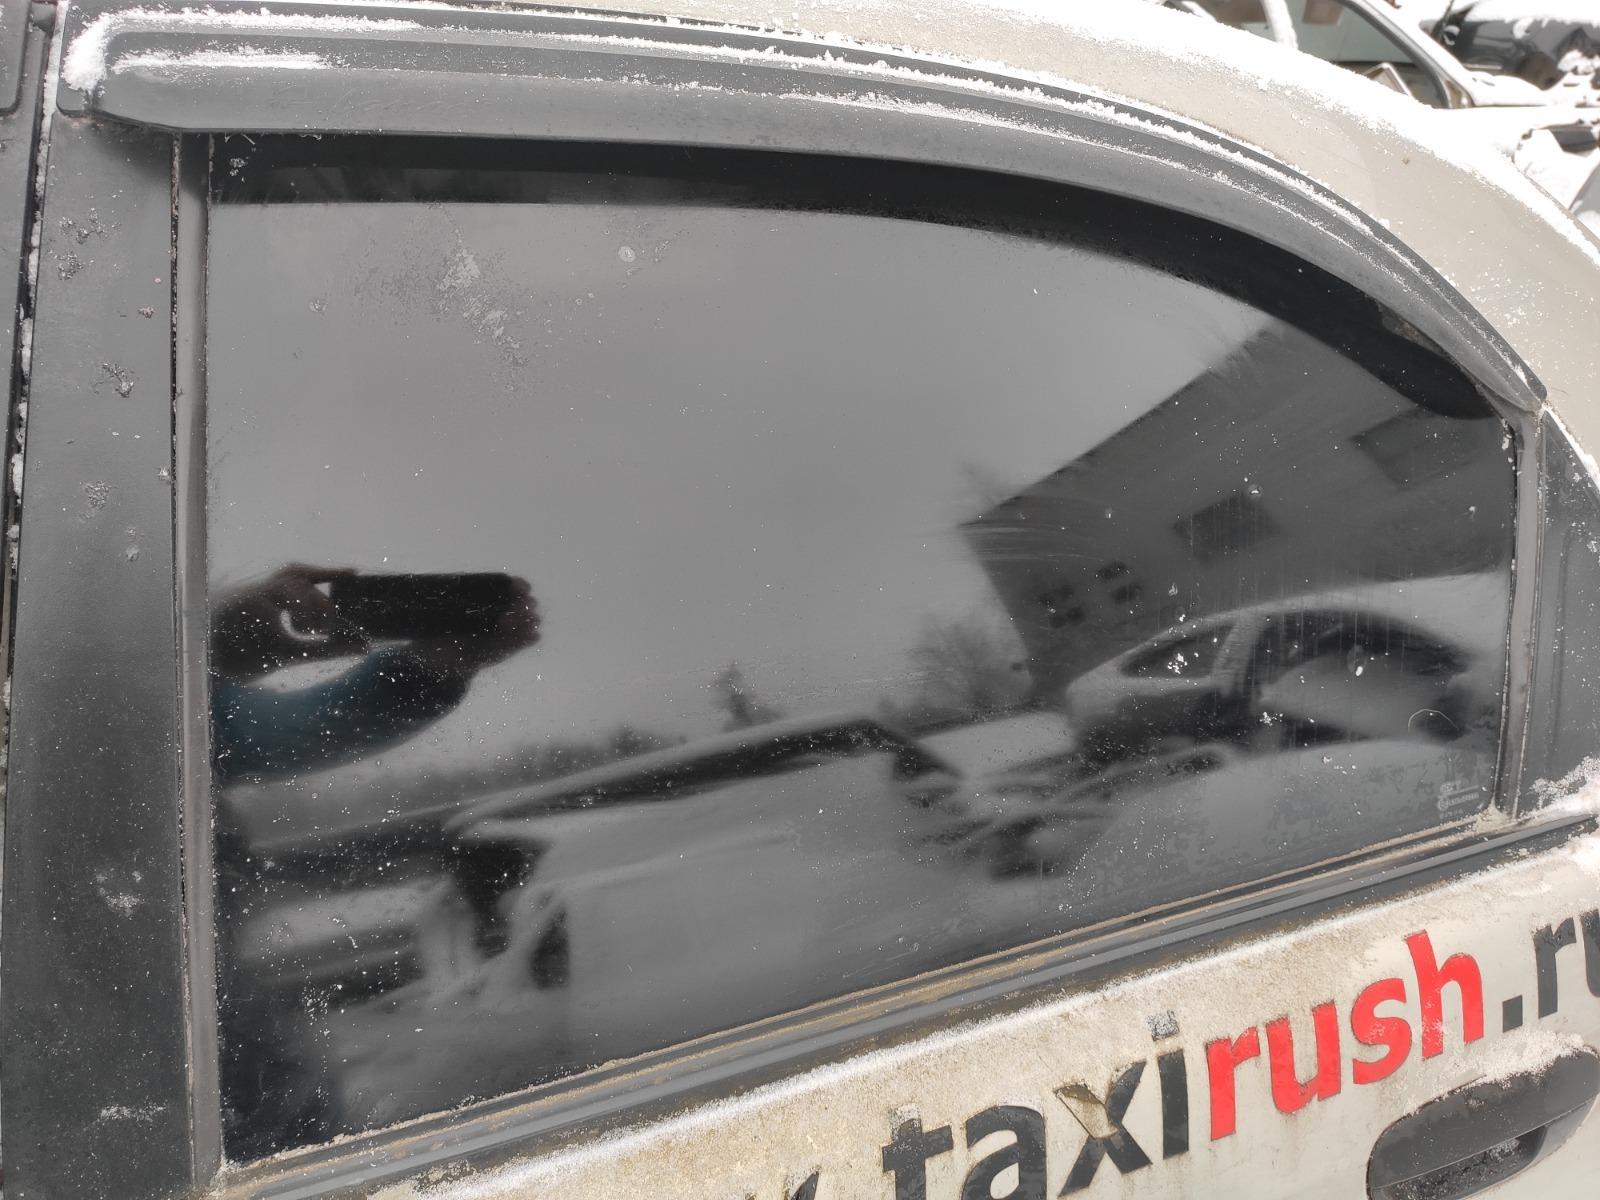 Стекло дверное Chevrolet Lanos СЕДАН 1.5 2005 заднее левое (б/у)